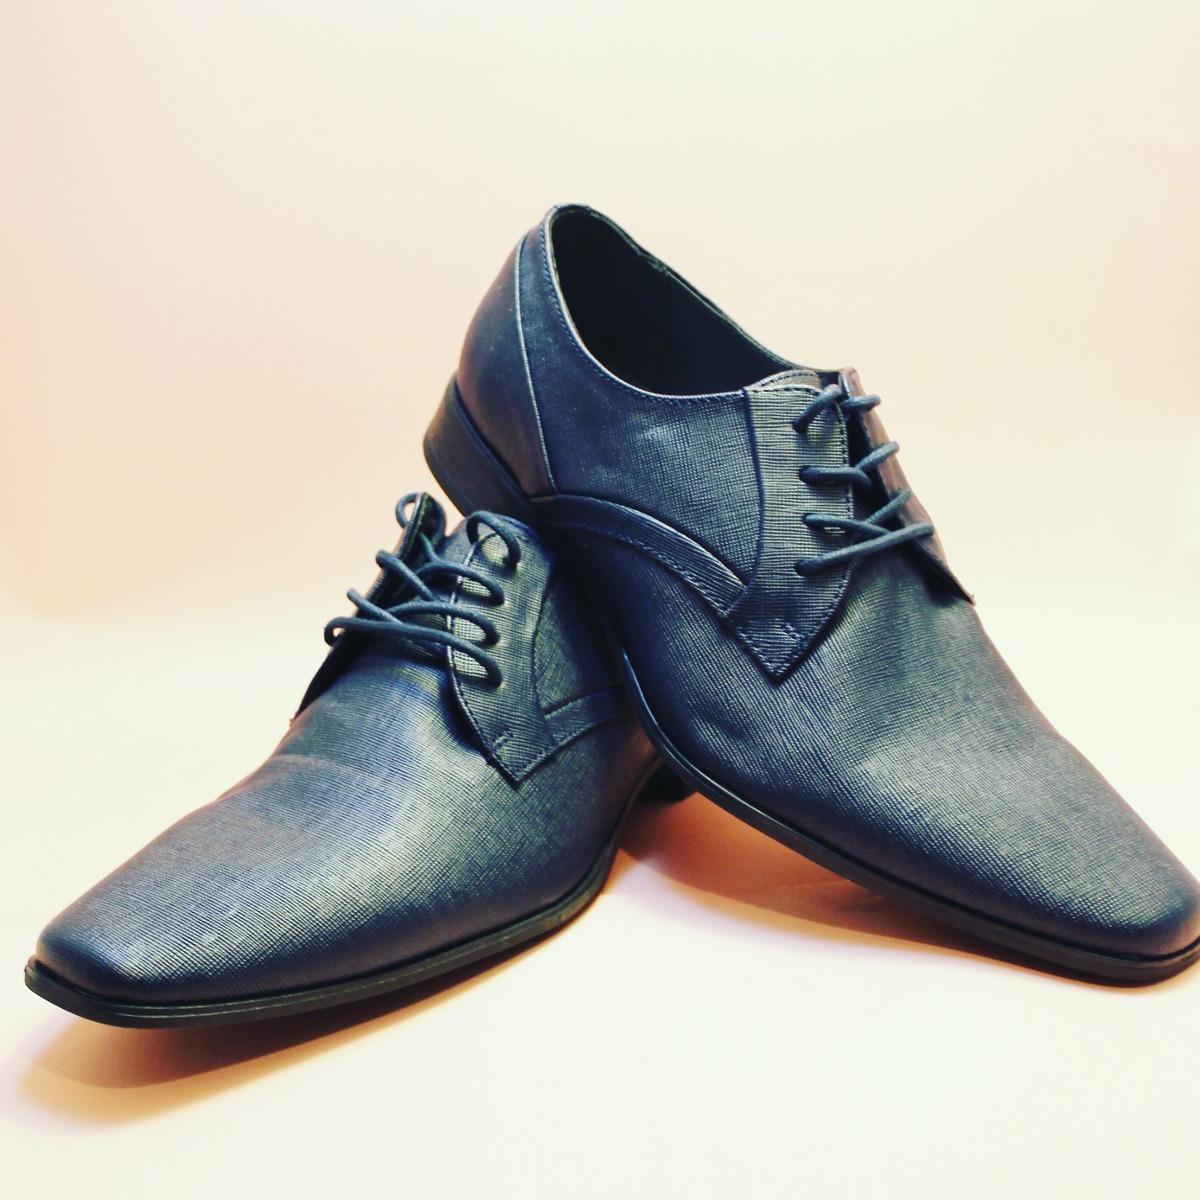 Hombre 000 Calvin Zapatos At En Libre W1ixu wqwXr 47 Klein Mercado wqwXr W1ixu af092f